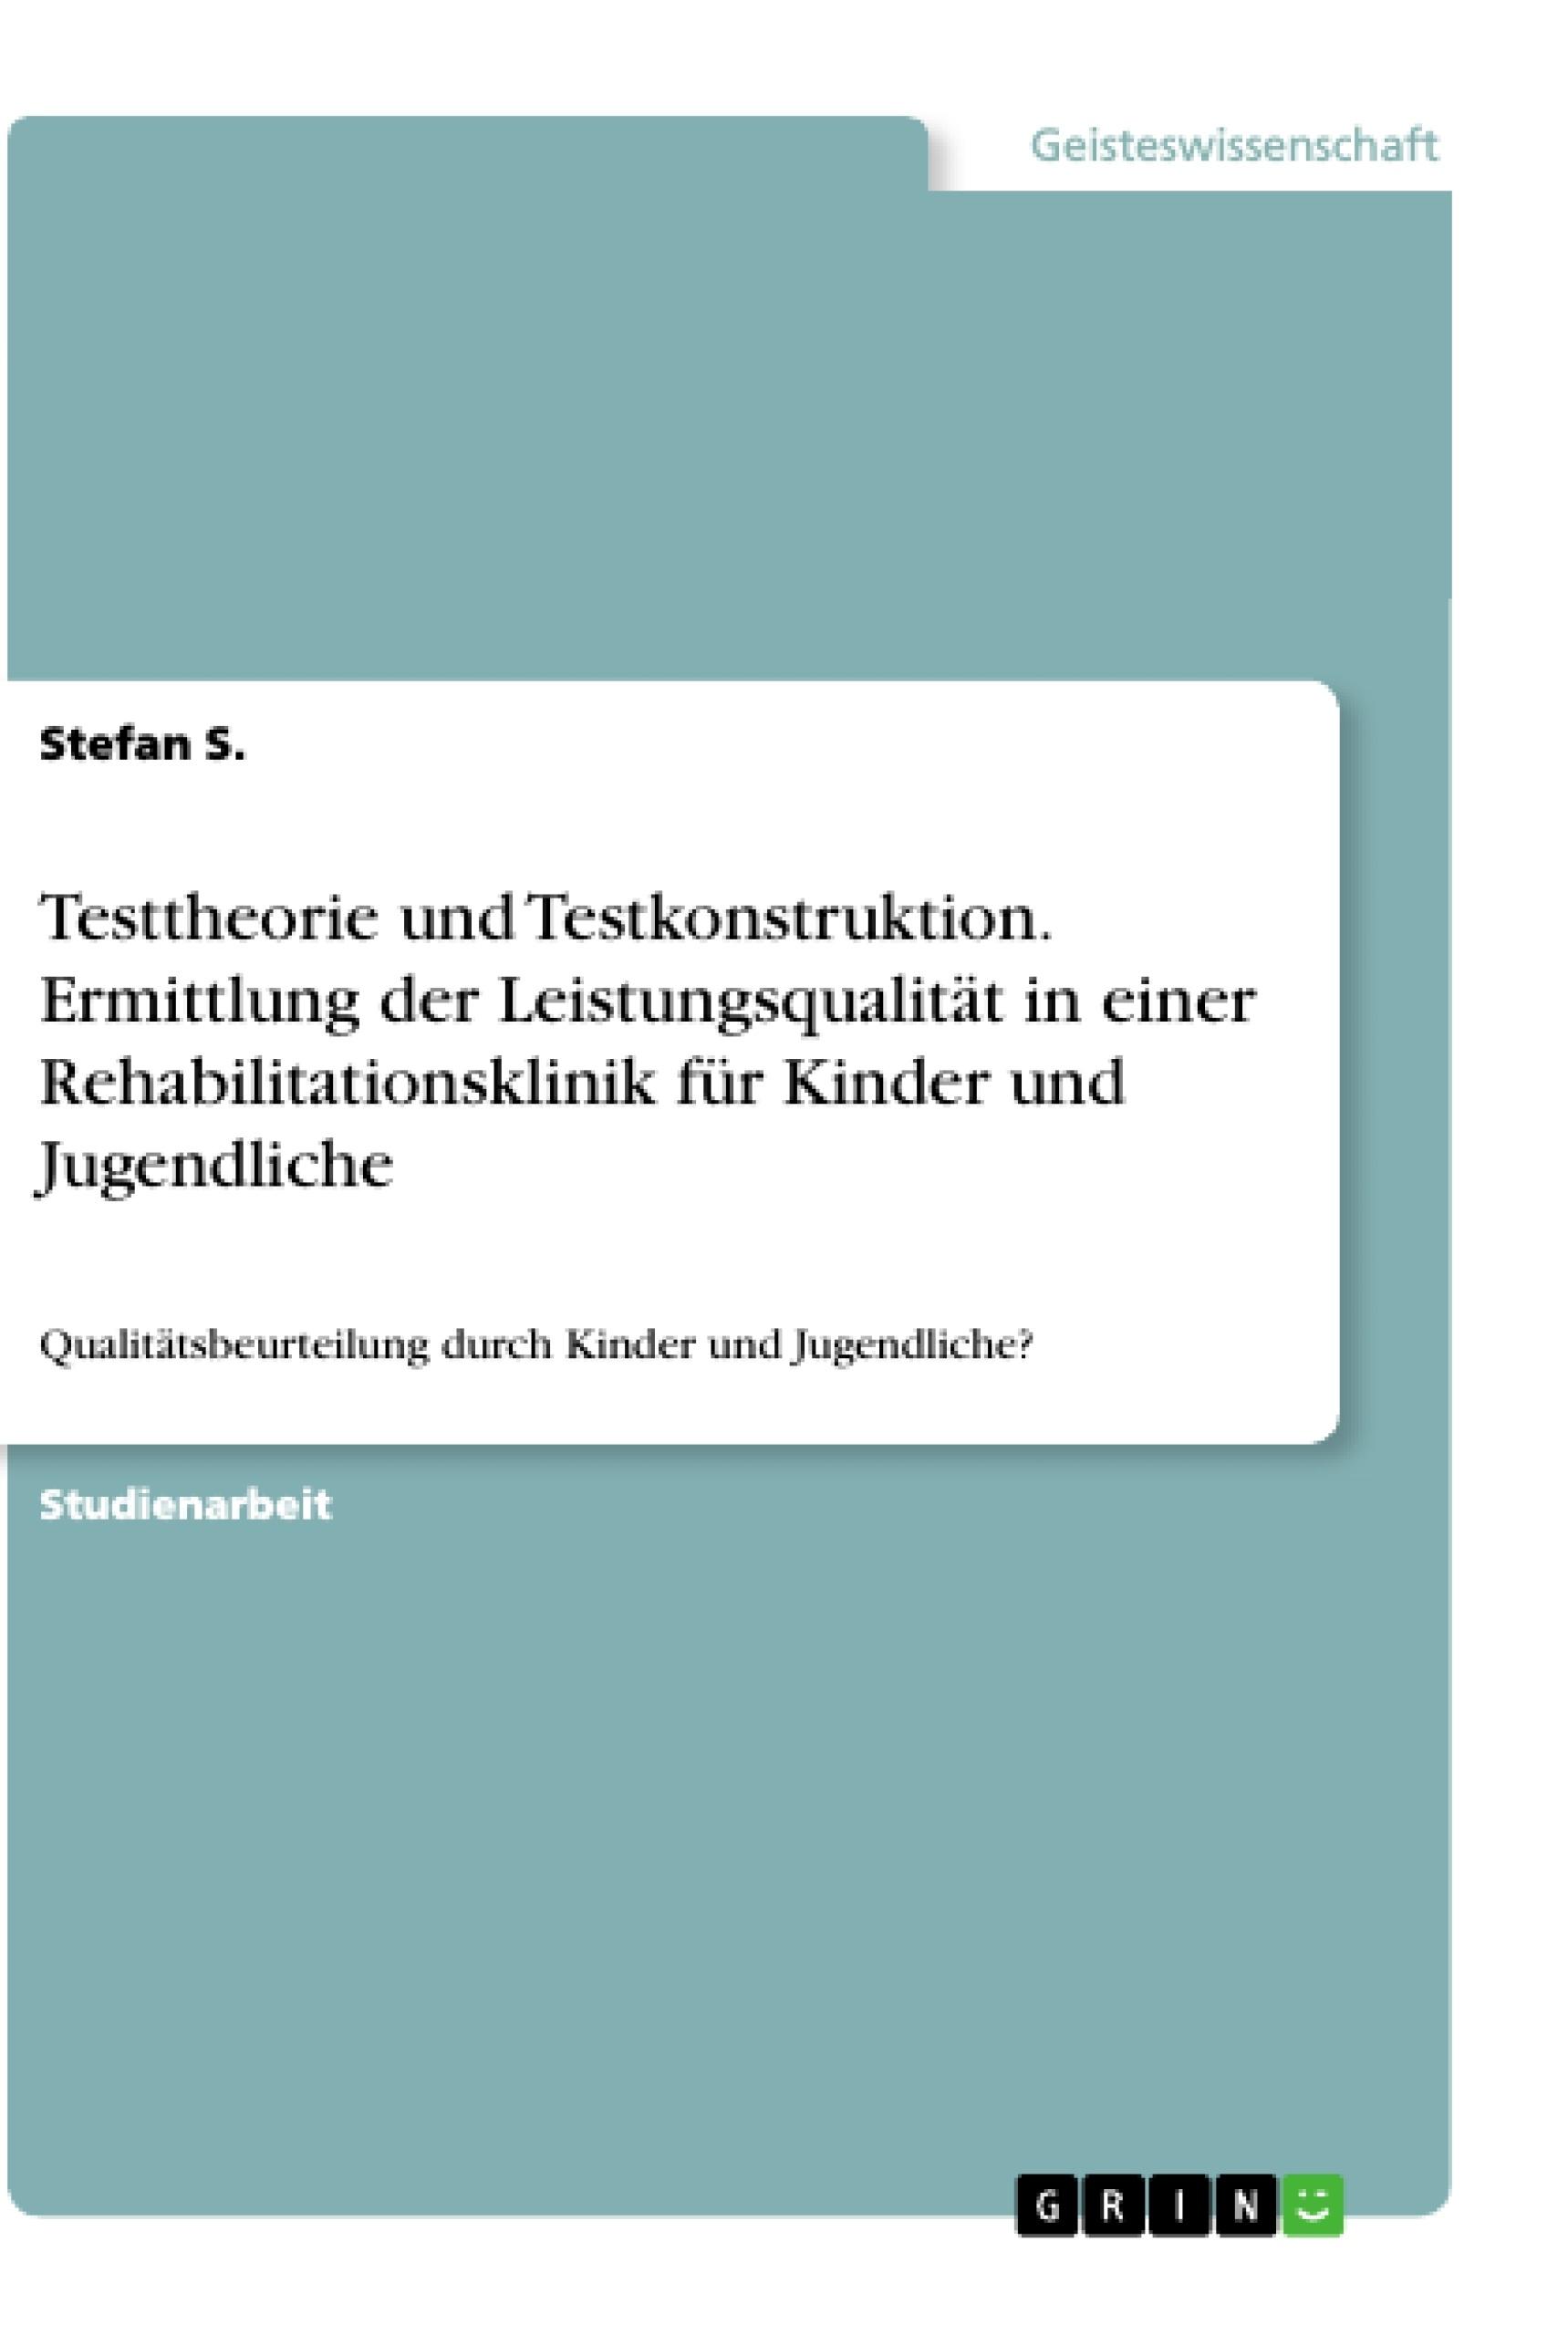 Titel: Testtheorie und Testkonstruktion. Ermittlung der Leistungsqualität in einer Rehabilitationsklinik für Kinder und Jugendliche